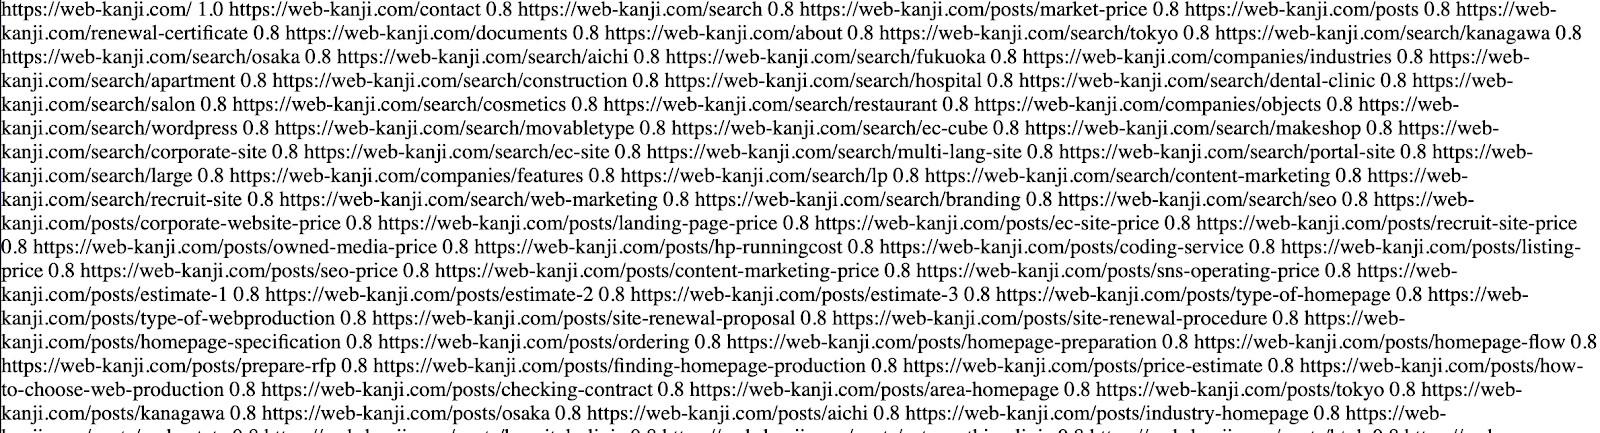 sitemap.xml Editor_5